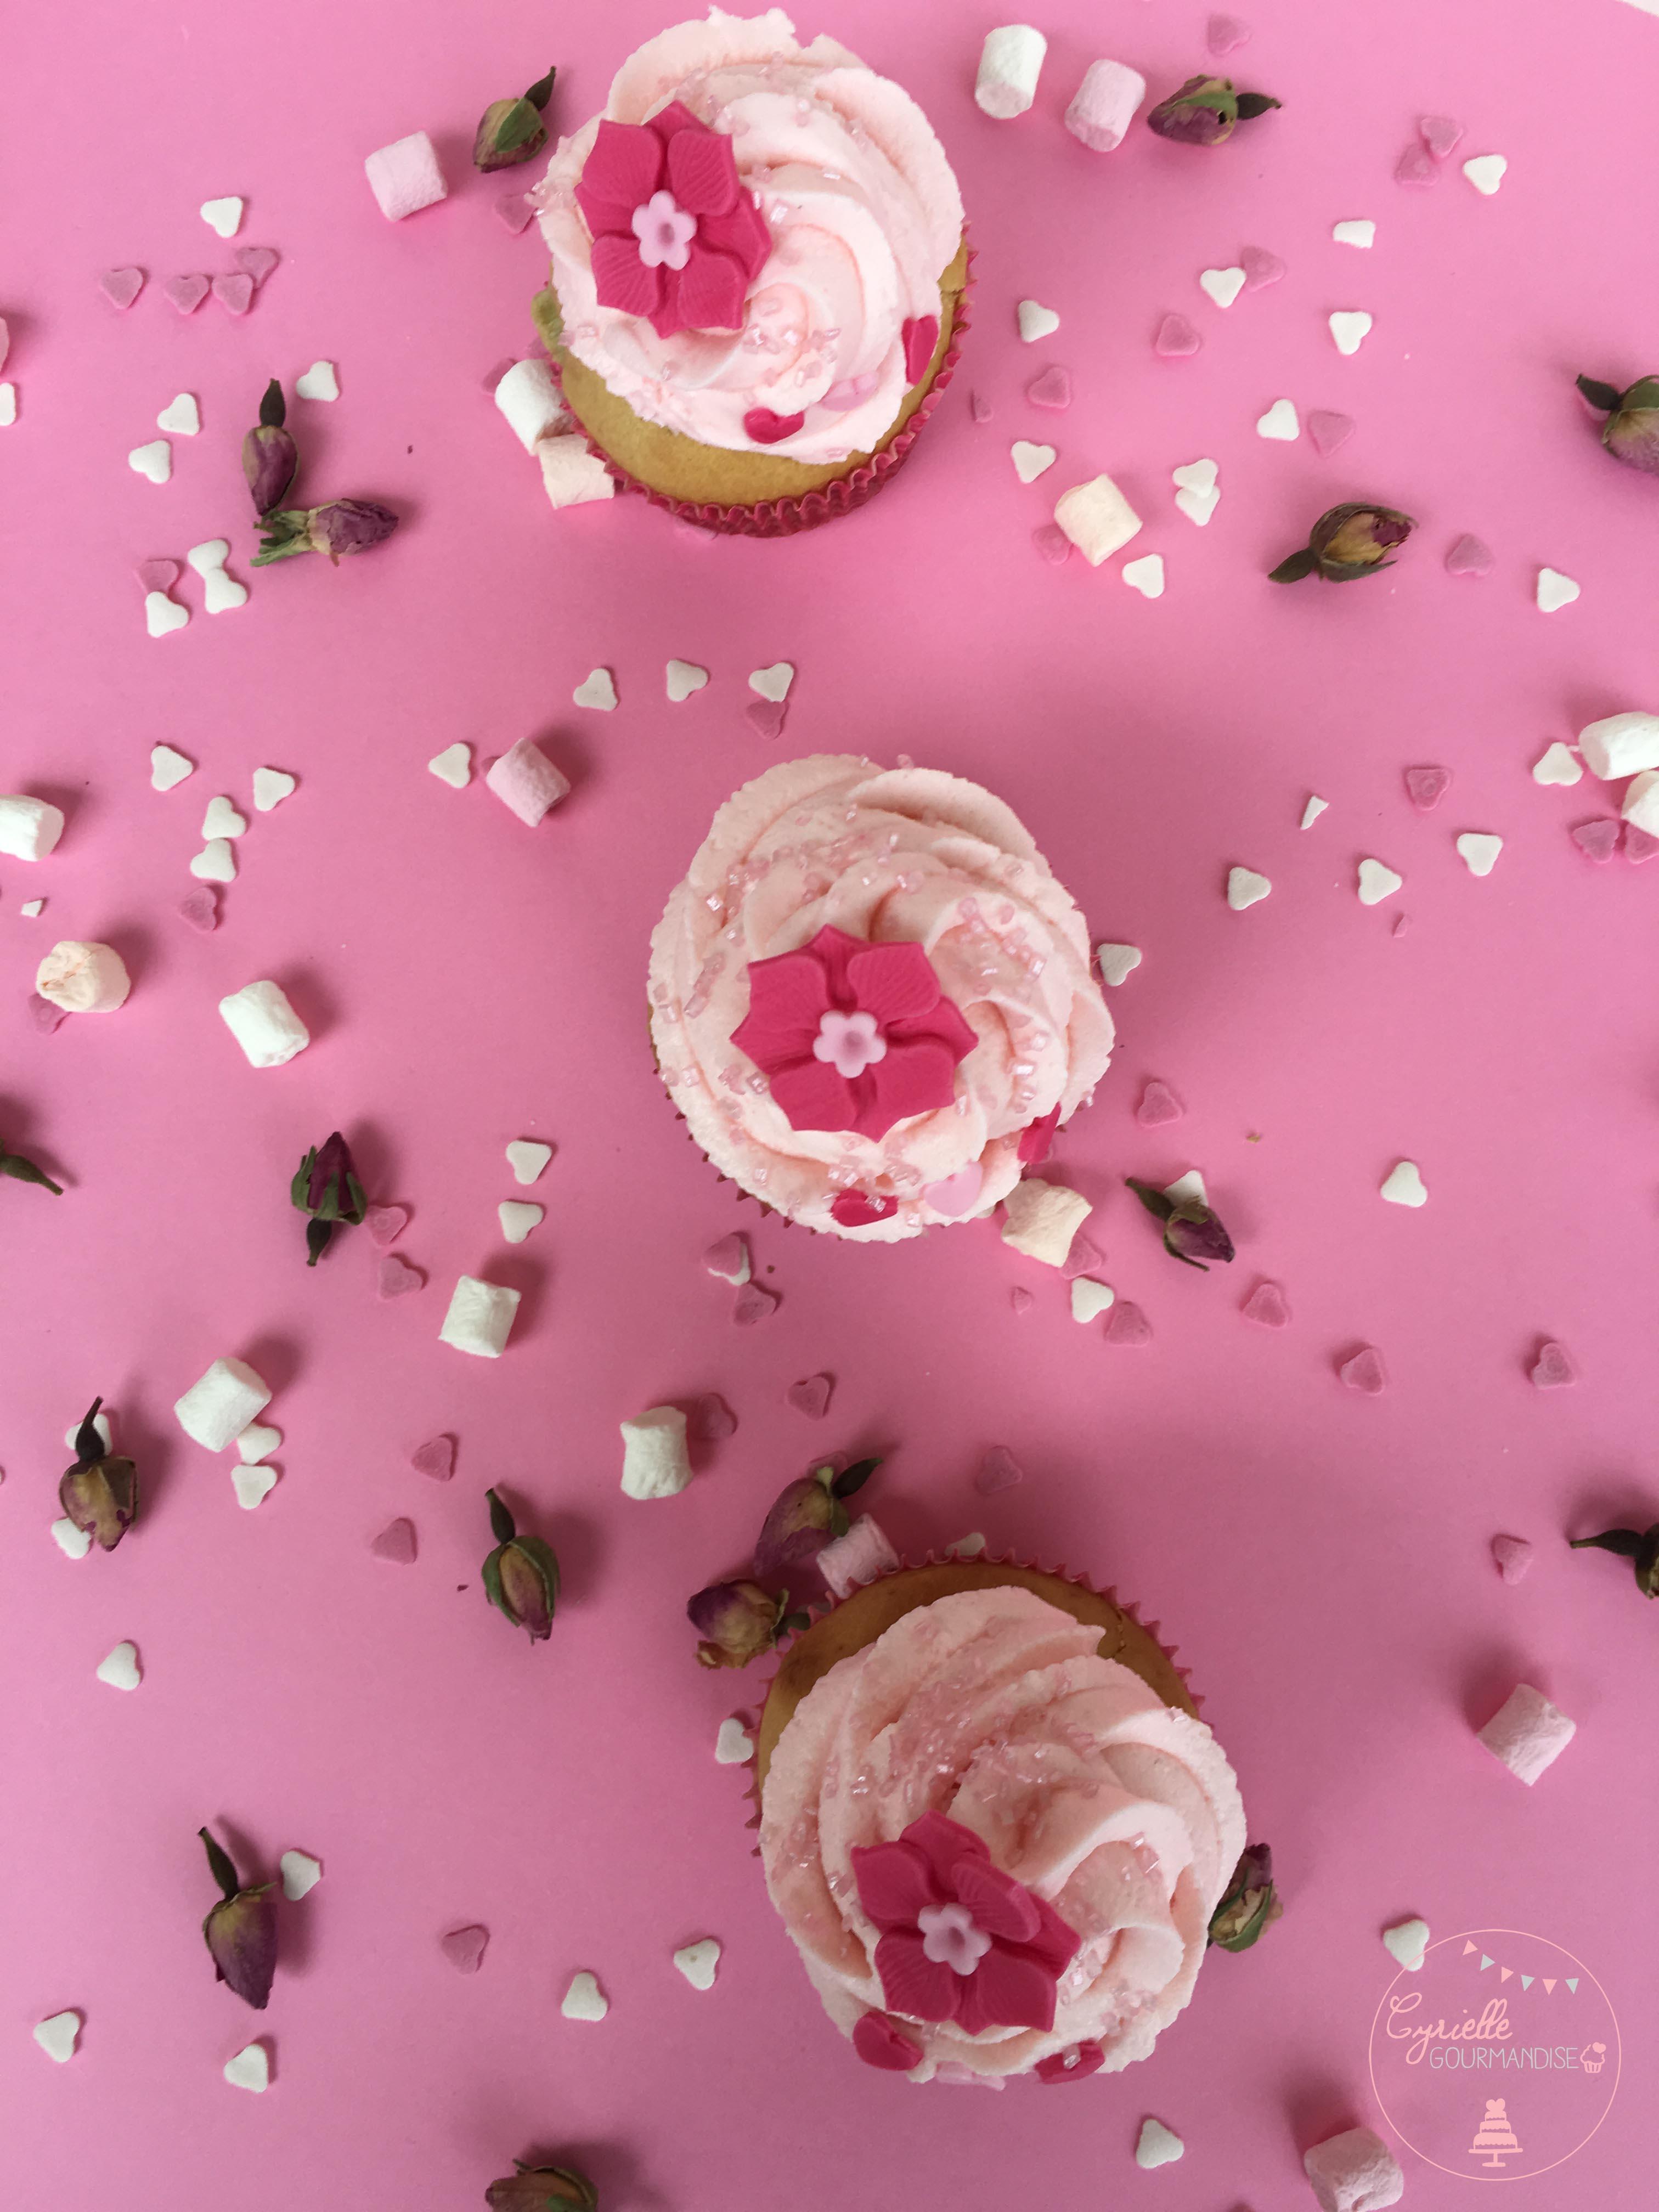 Cupcake rhubarbe rose 8